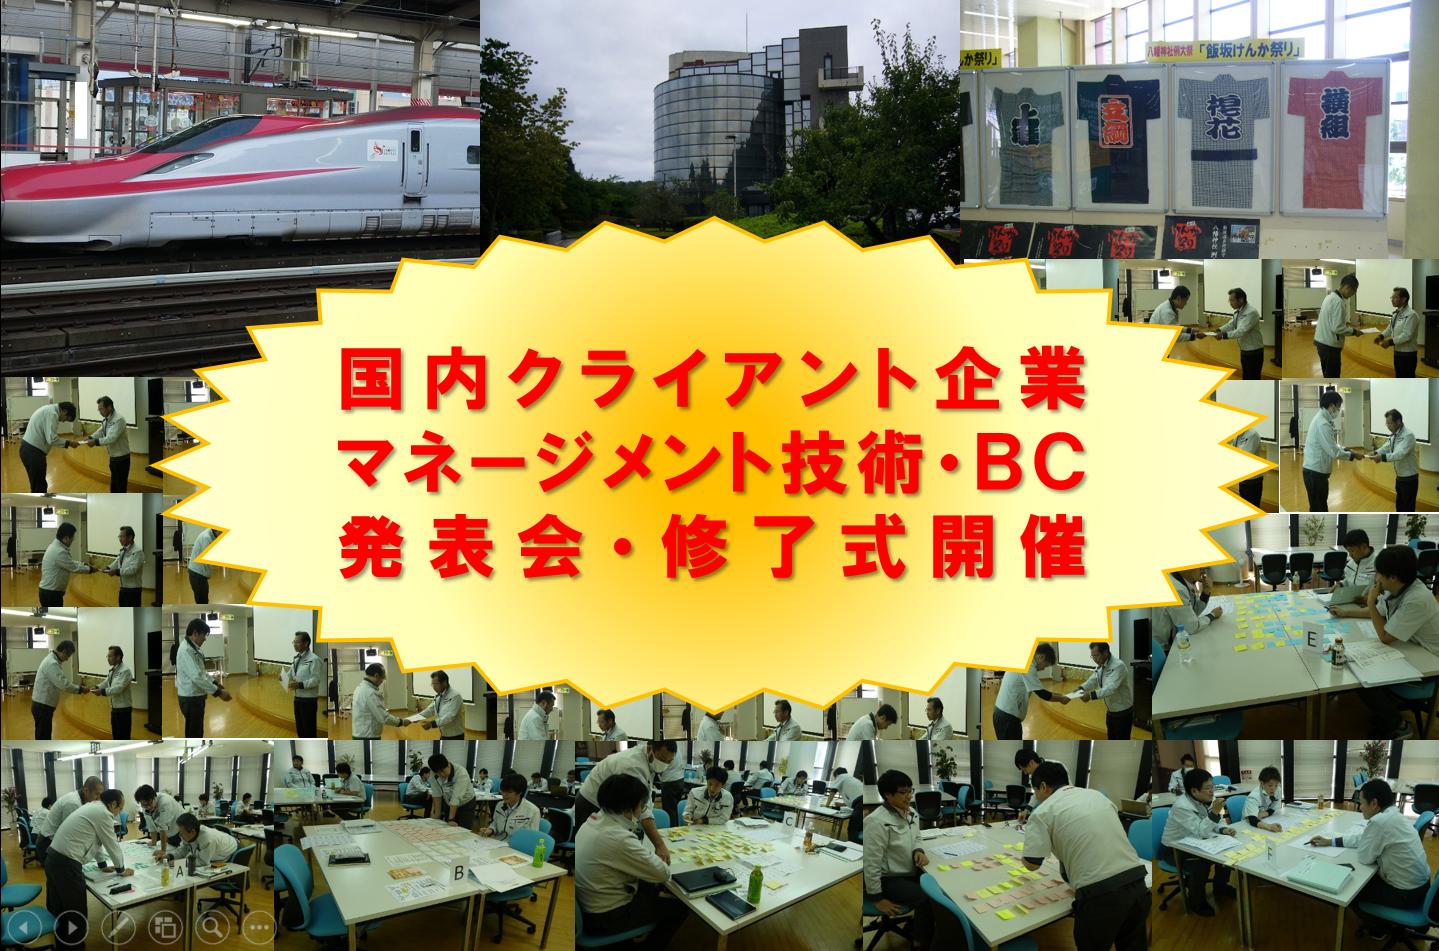 19_10_17_国内クライアント企業_マネージメント技術・BC_発表会・修了式開催_AA